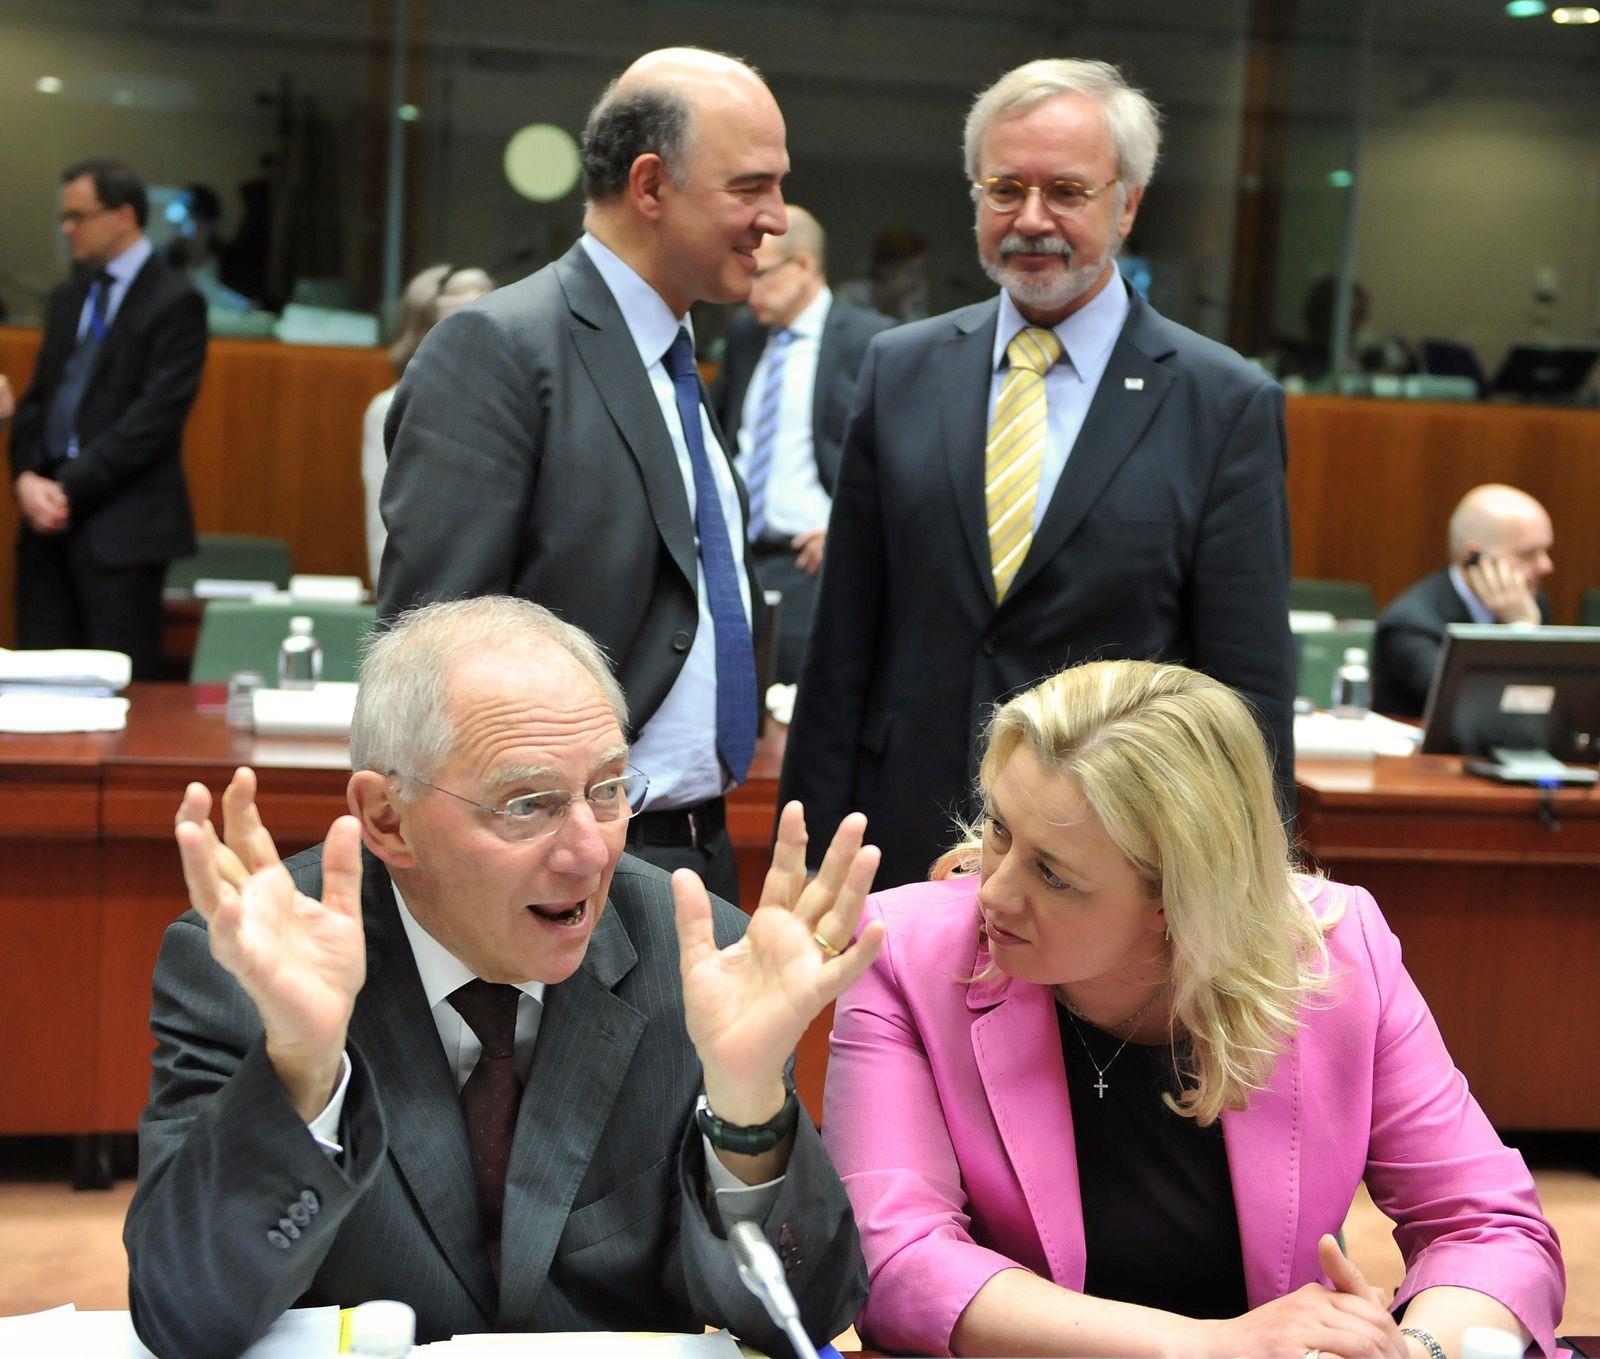 BELGIUM-EU-ECOFIN-FINANCE